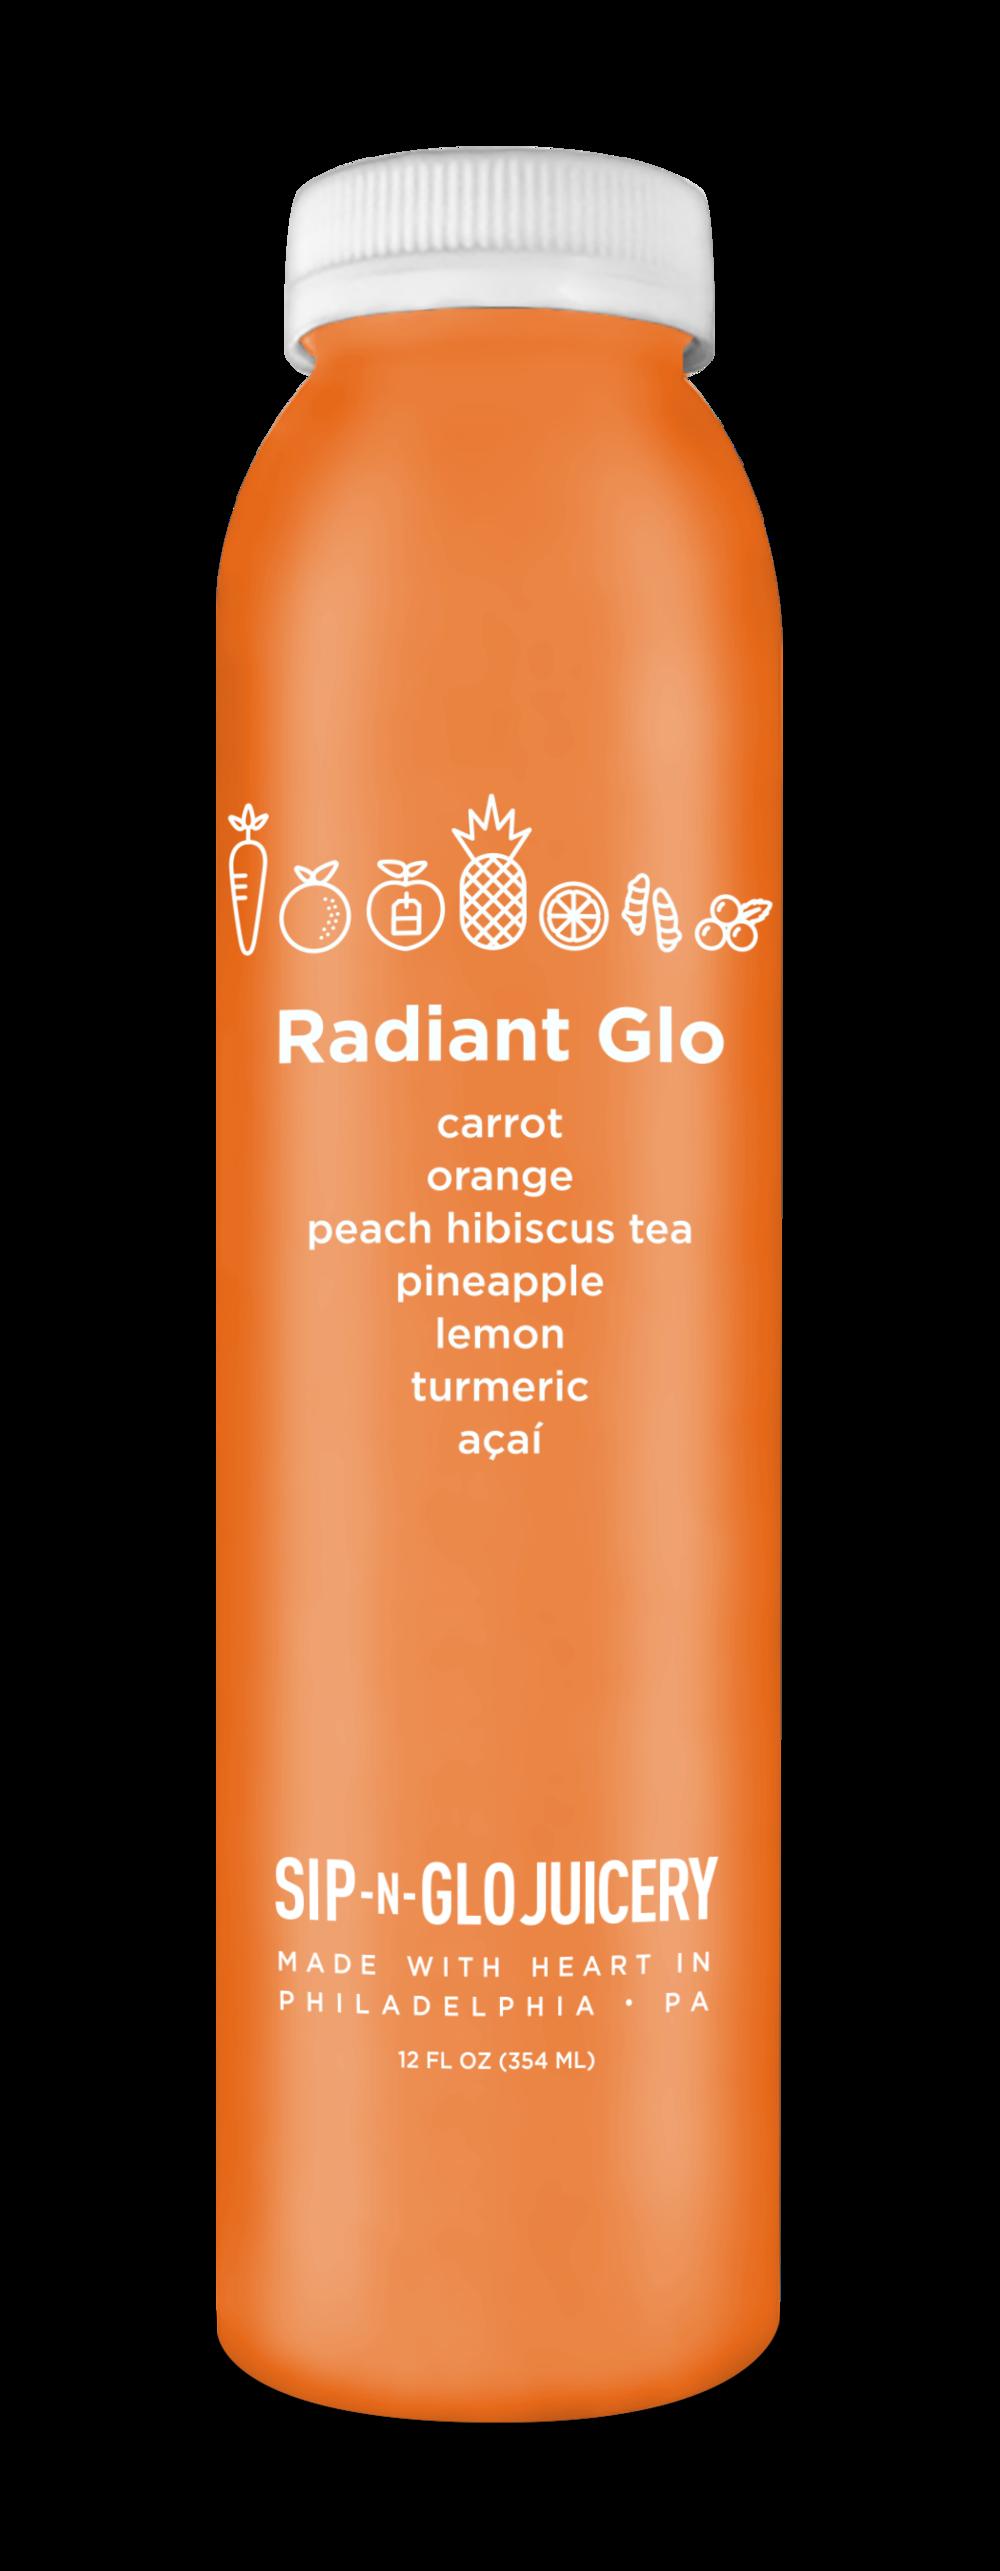 Sip-N-Glo Cold-Pressed Juice Radiant Glo